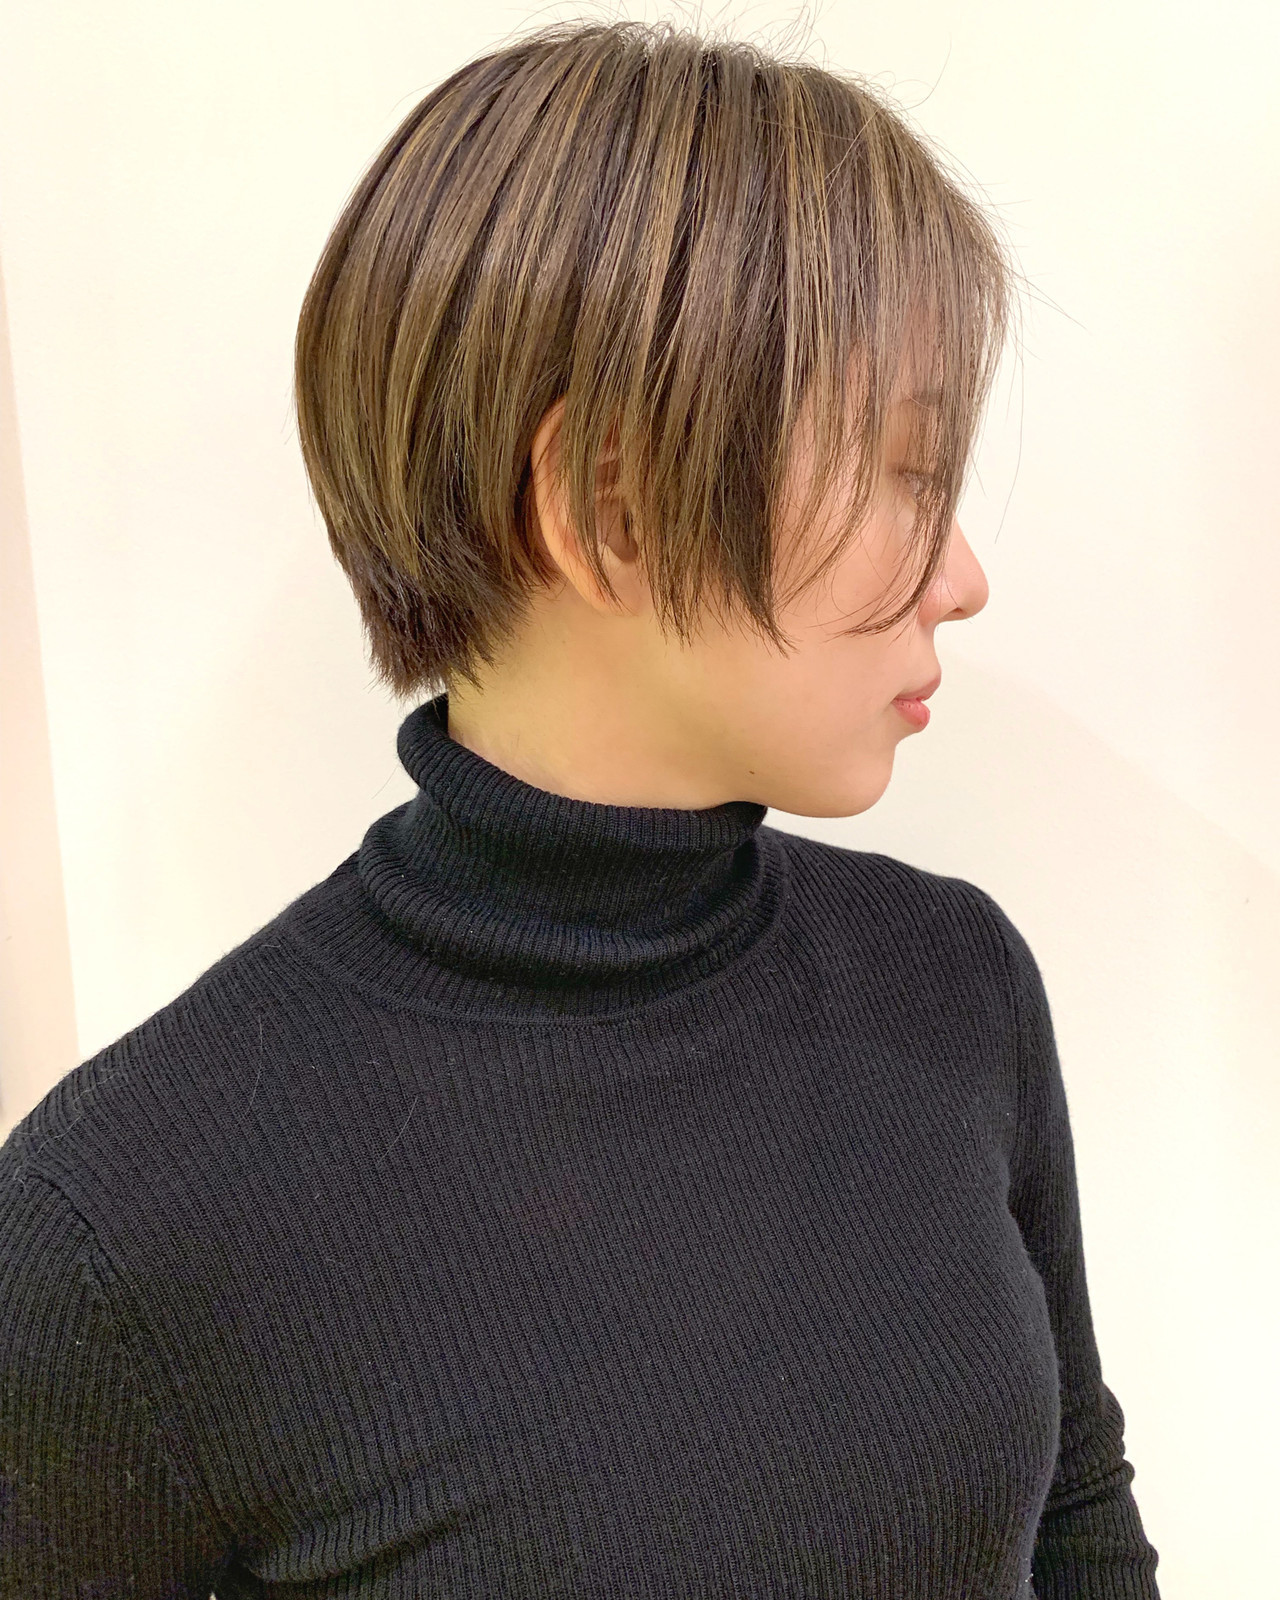 ハイライトのデザインカラーでおしゃれを極める ショートヘア美容師 #ナカイヒロキ